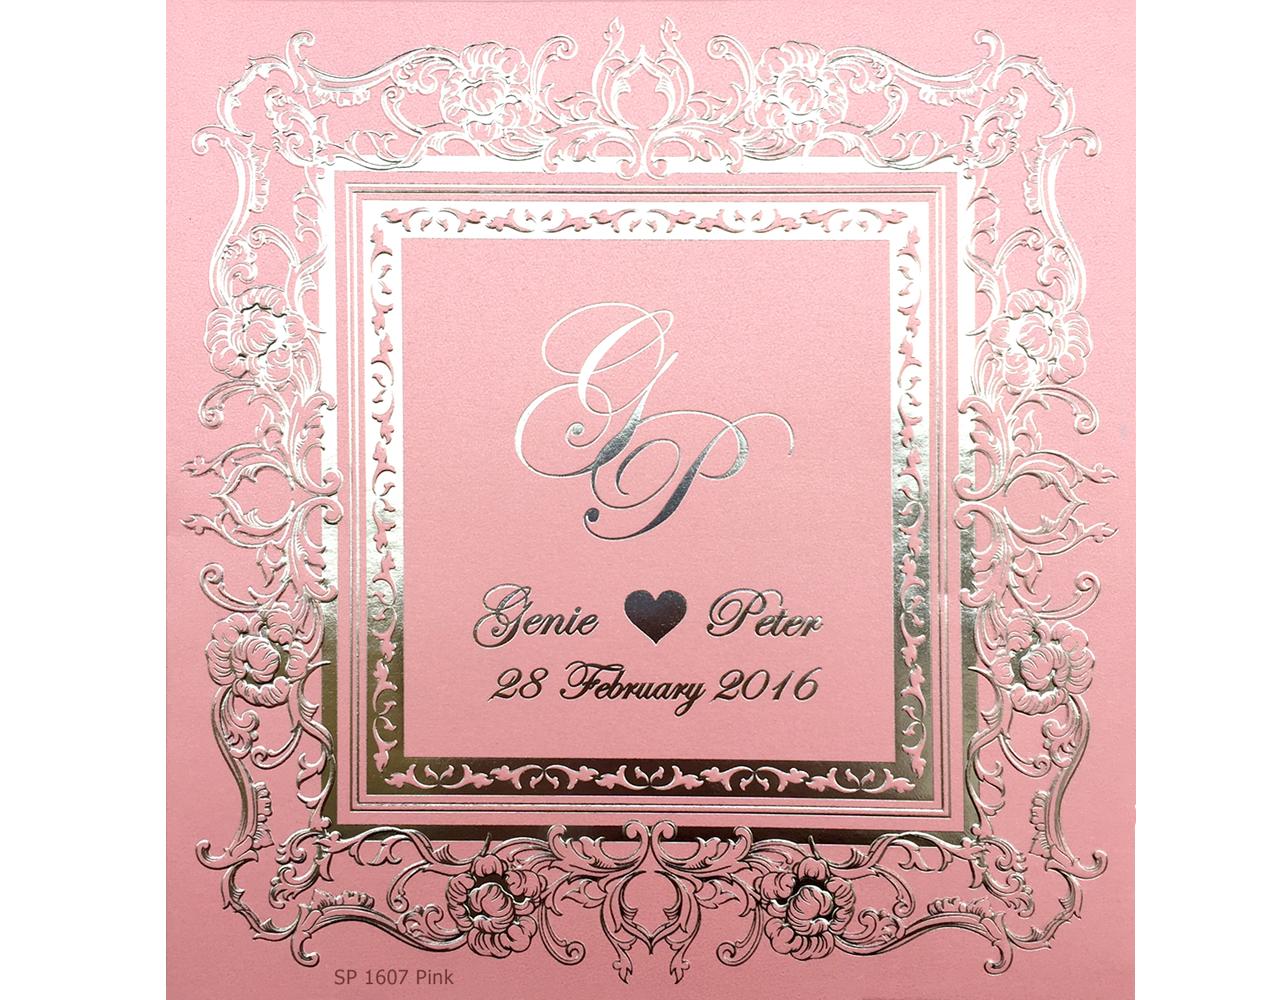 การ์ดแต่งงาน การ์ดเชิญงานแต่ง สีหวาน ๆ กระดาษมุกชมพู พิมพ์เงิน by Grace Greeting SP 1607 Pink